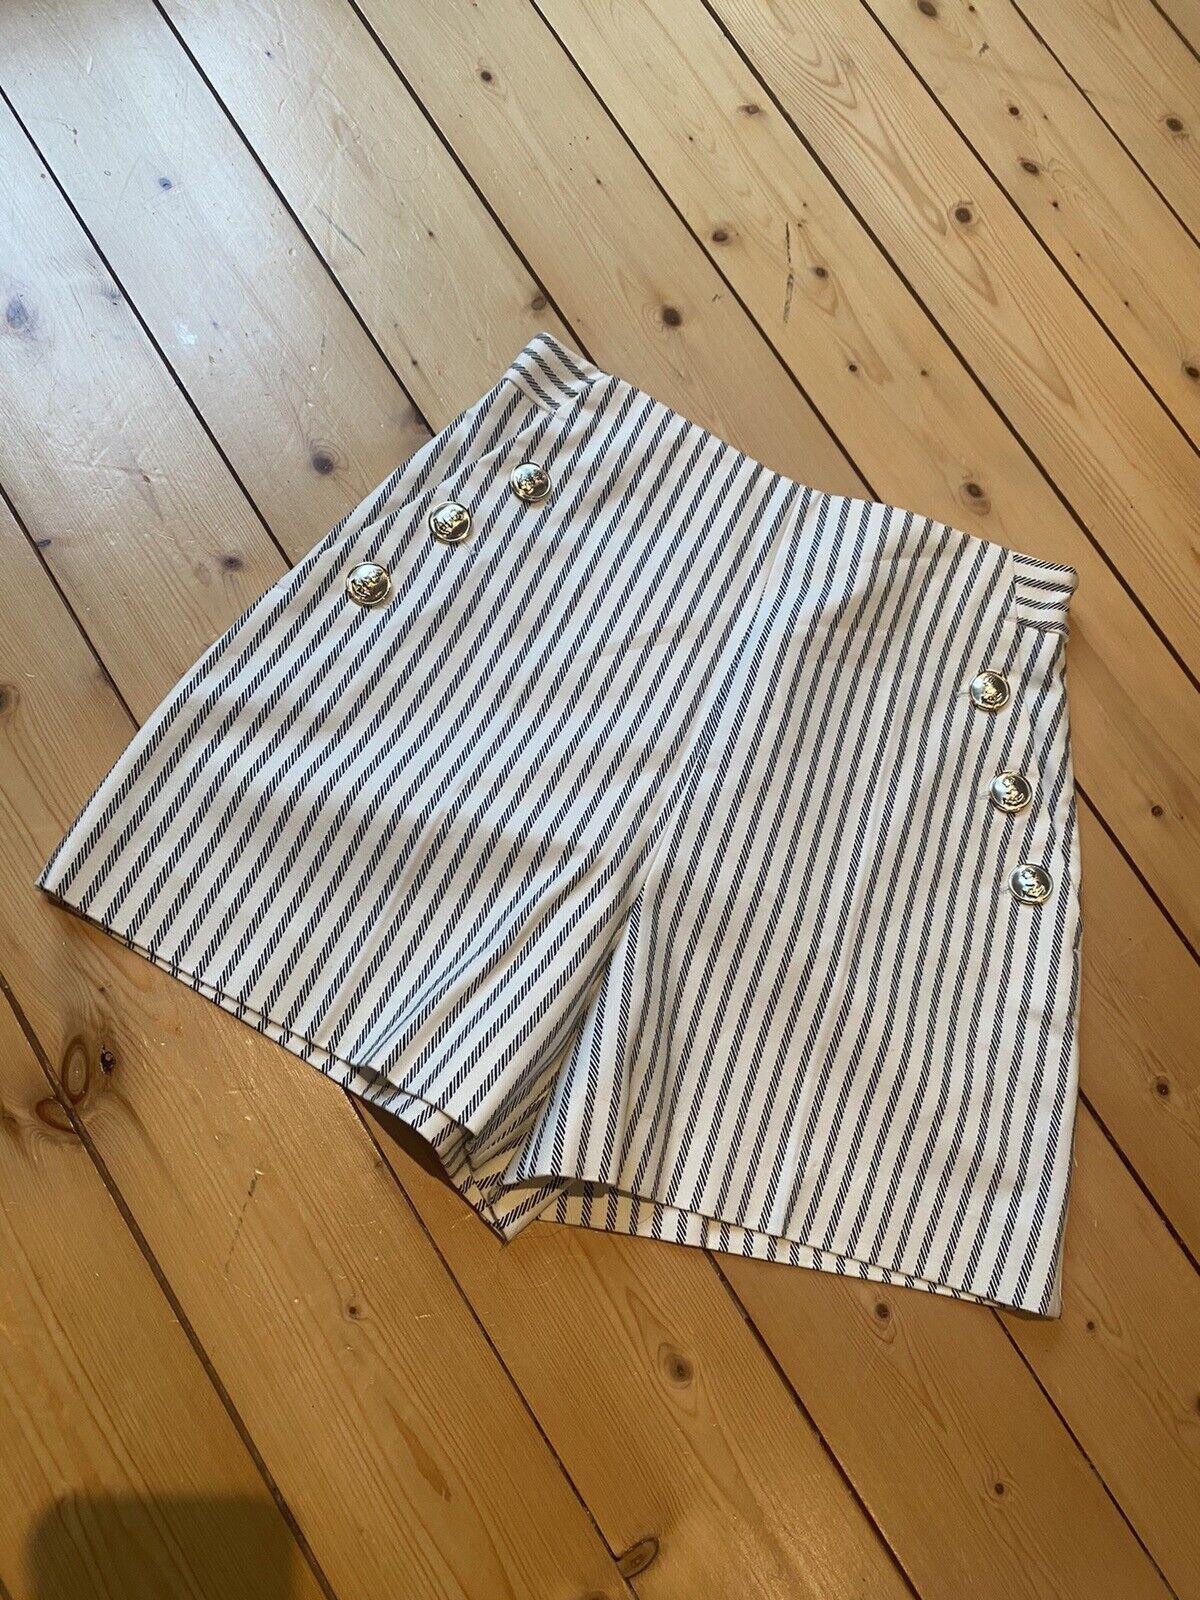 Zara Shorts Xs Maritim Neu Mit Etikett Blau Weiß Gestreift Chic Elegant Anker